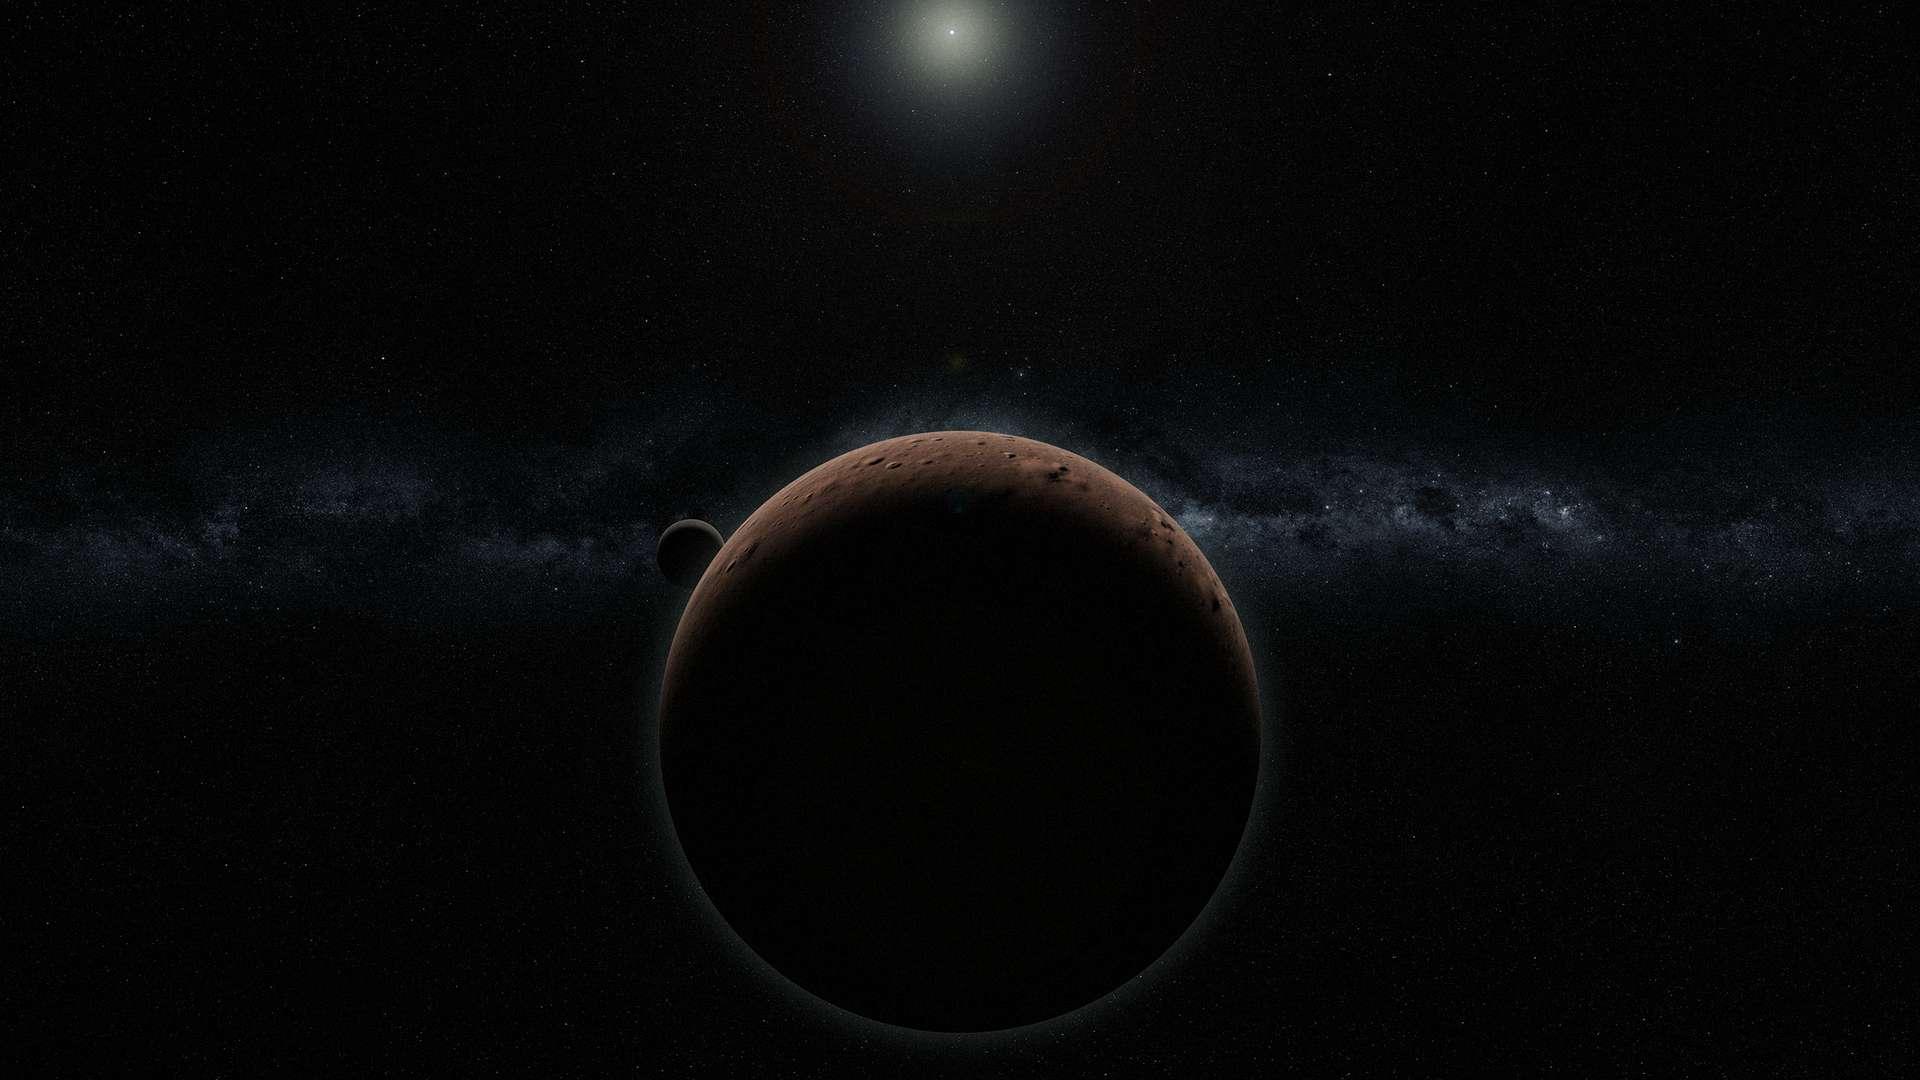 Vue d'artiste de la planète naine 2007 OR10, accompagnée de sa lune. 2007 OR10 est le quatrième plus gros objet de la ceinture de Kuiper, derrière Pluton, Éris et Haumea, et le plus gros objet encore innommé du Système solaire. © Alex H. Parker